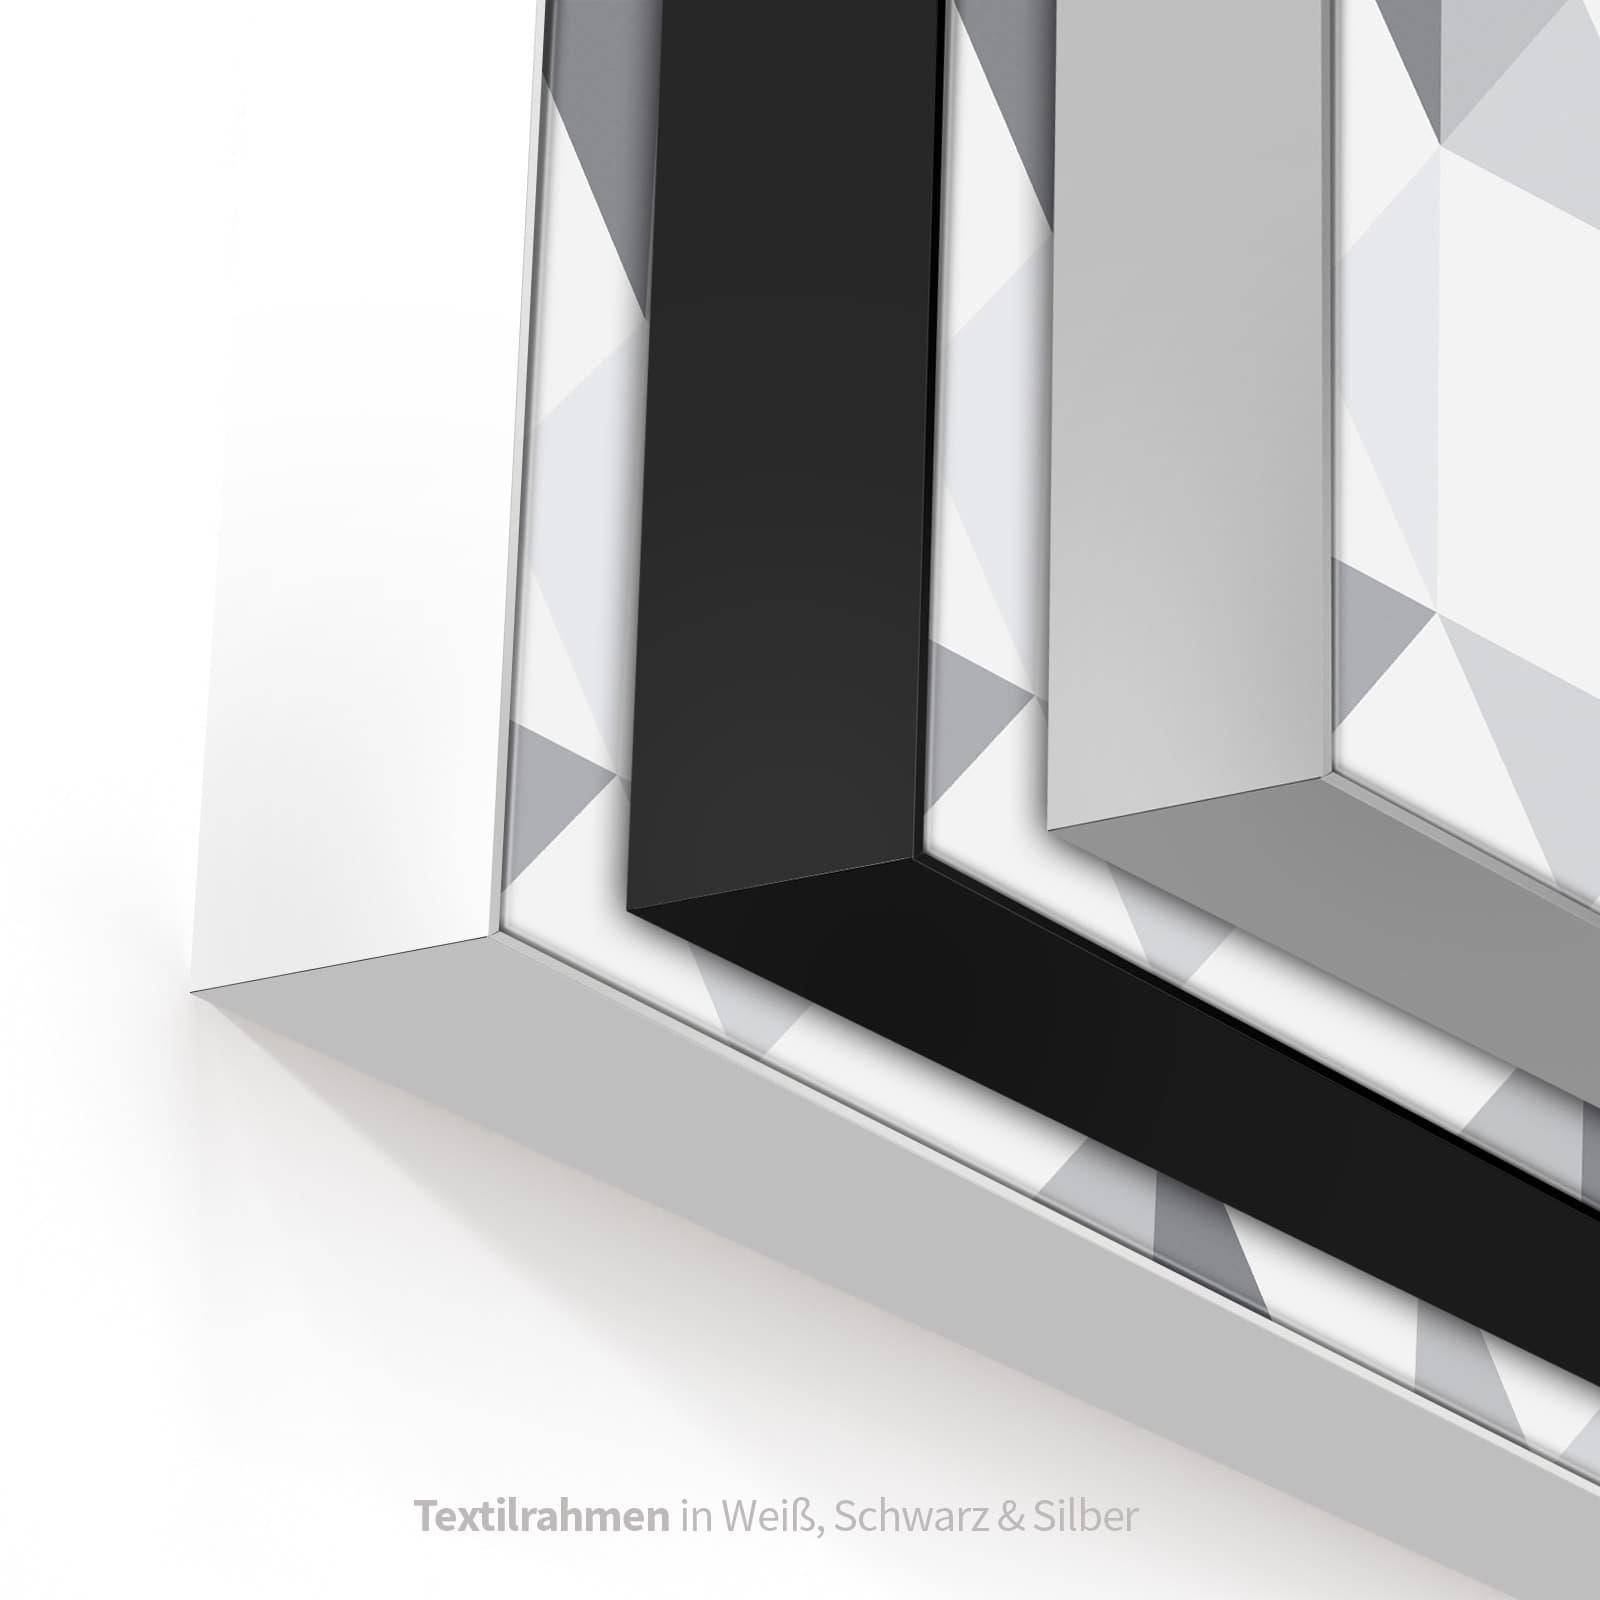 Mögliche Farben des Textilbildes in Weiss, Schwarz oder Silber